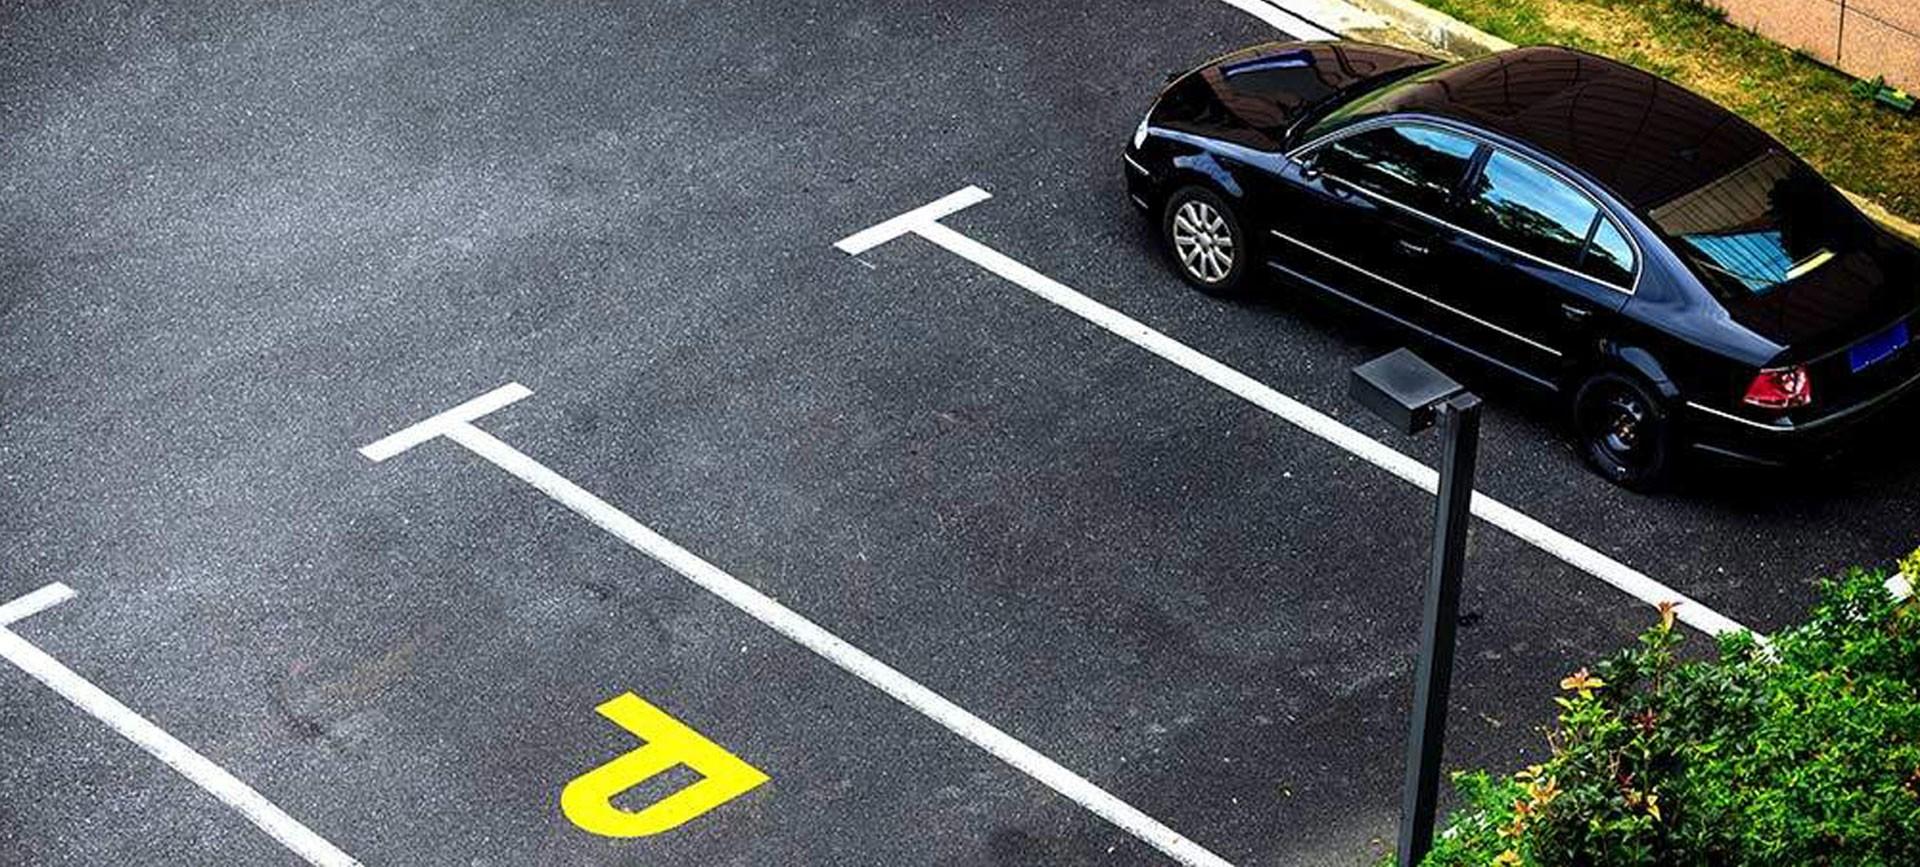 Parkiranje iznajmljenog vozila u Beogradu